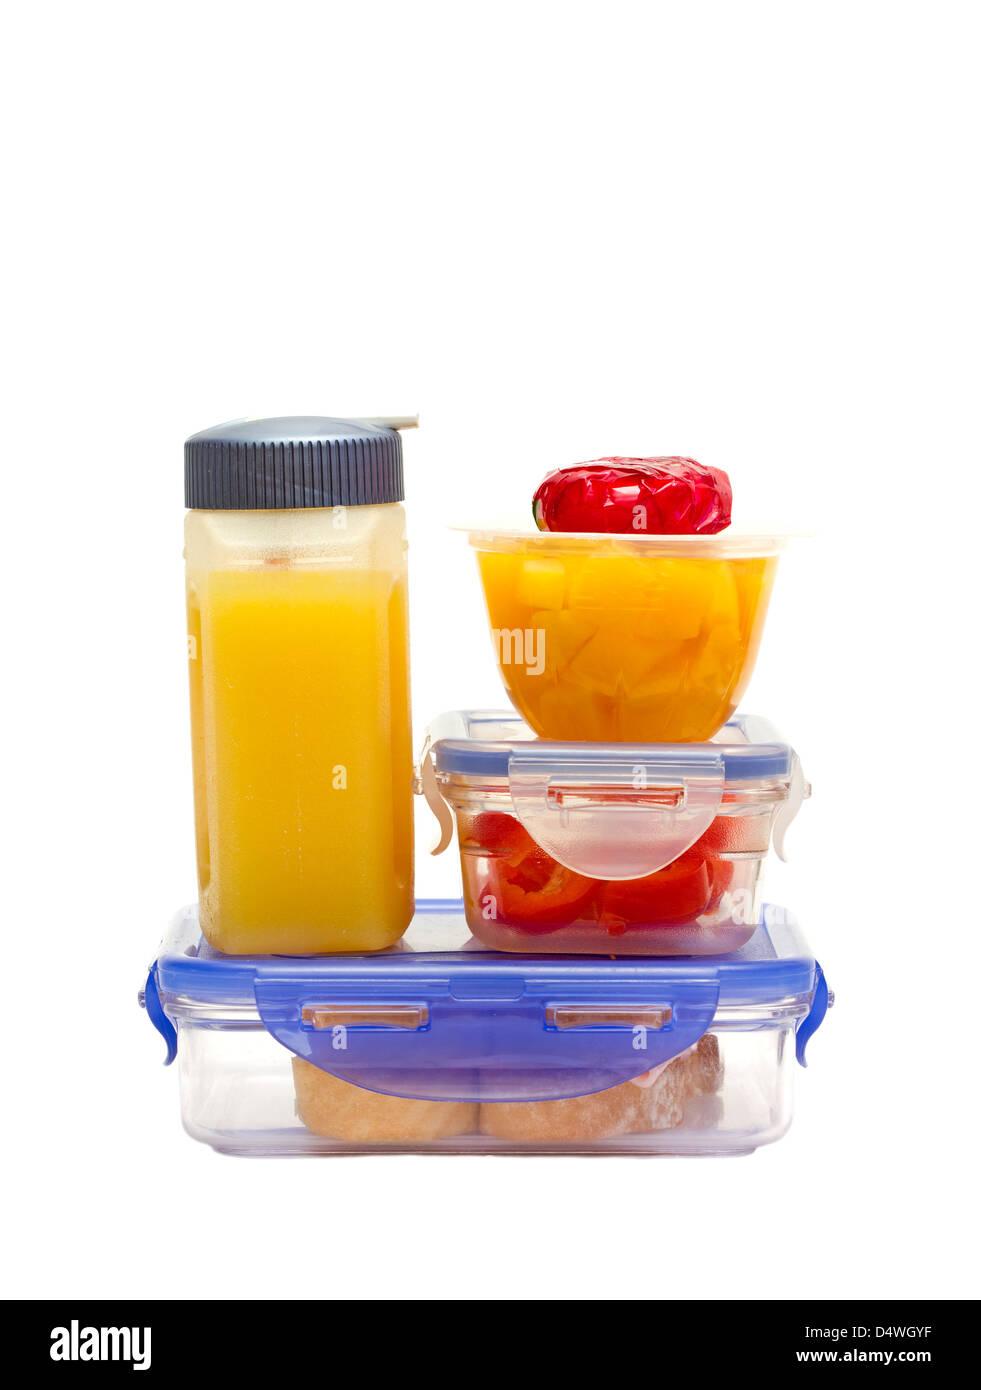 Scuola pranzo sano per i bambini Immagini Stock